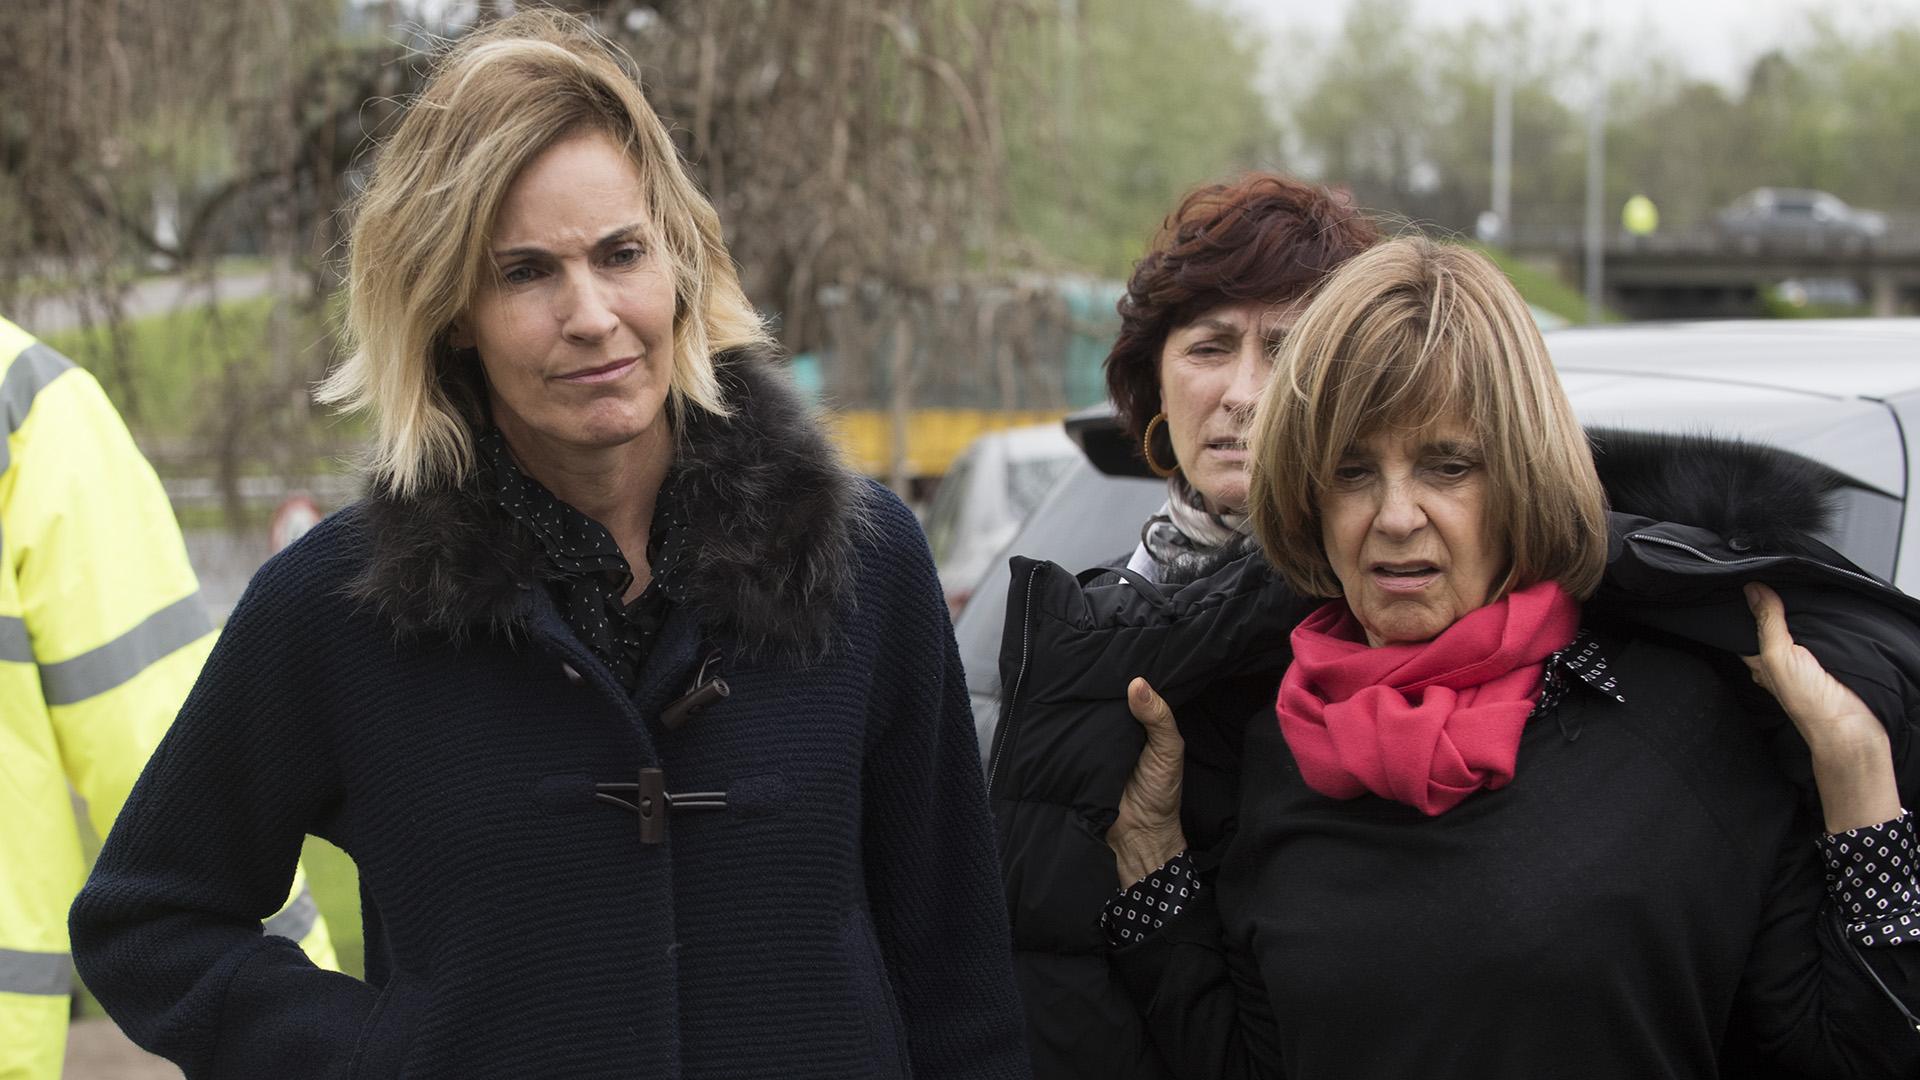 Antonia Robirosa de Miguens yMaría Freixas de Braun.